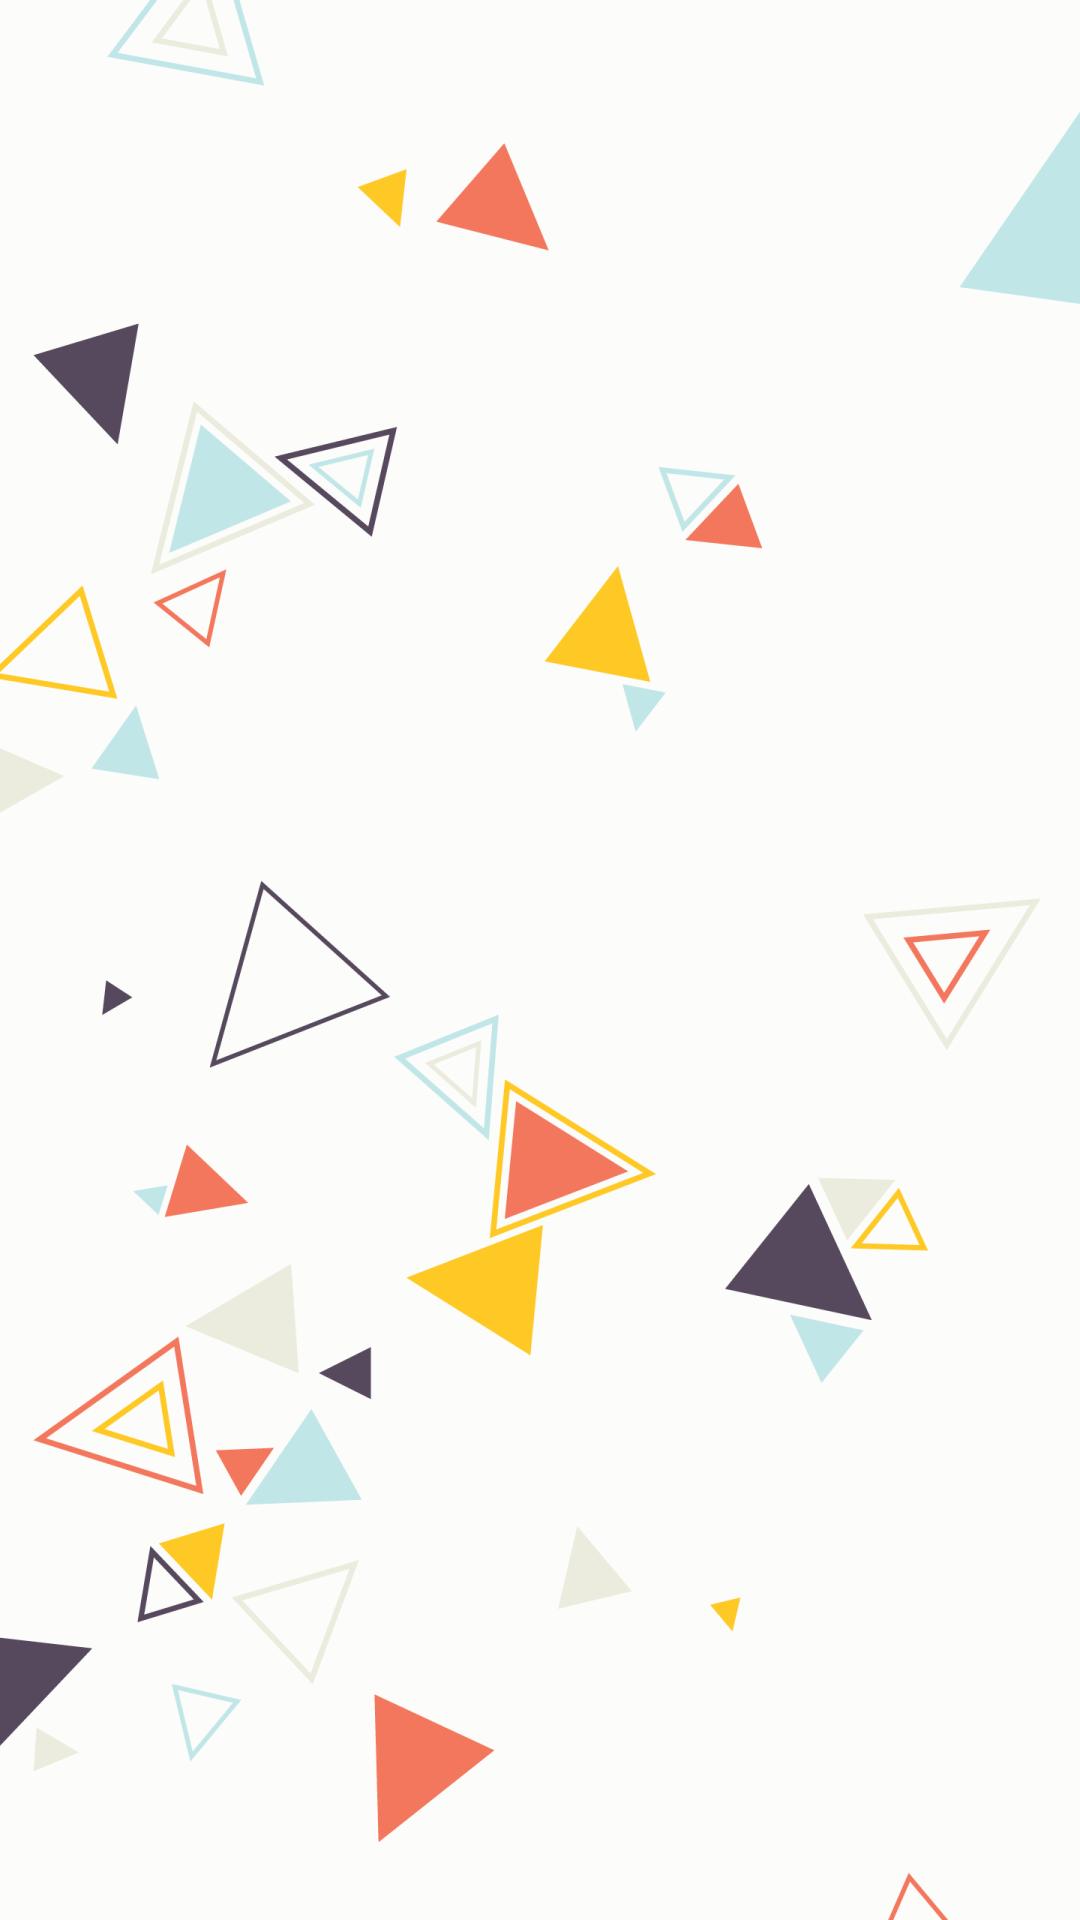 Dress Up Your Tech Inspirasi Desain Grafis Abstrak Seni Abstrak